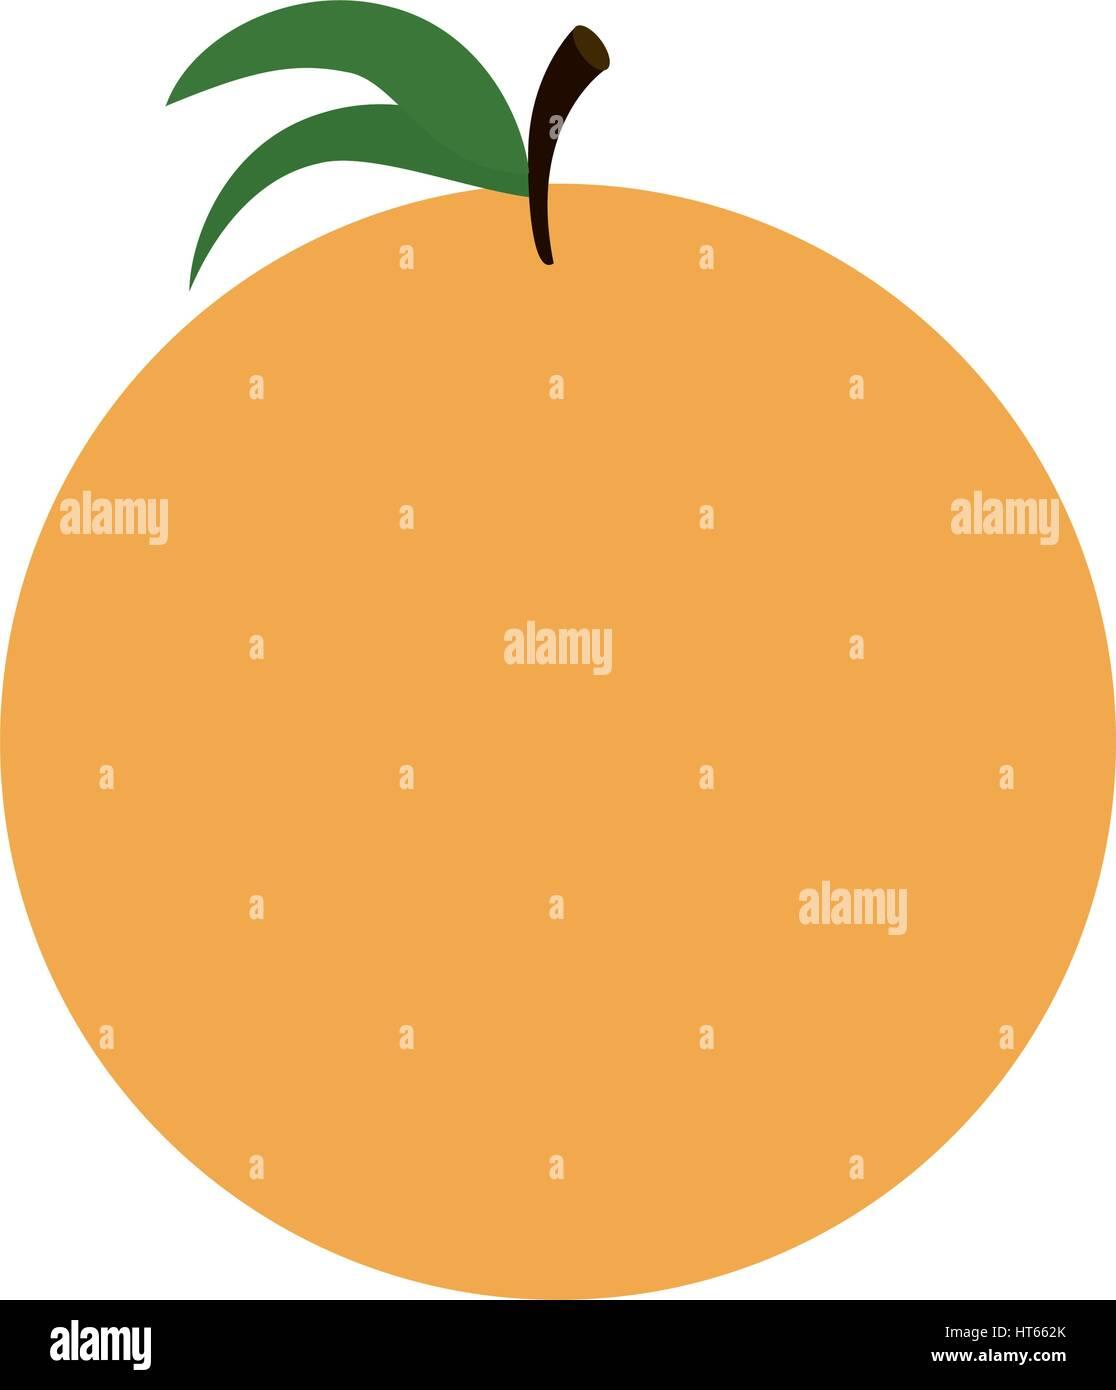 ornage sweet fruit icon - Stock Image